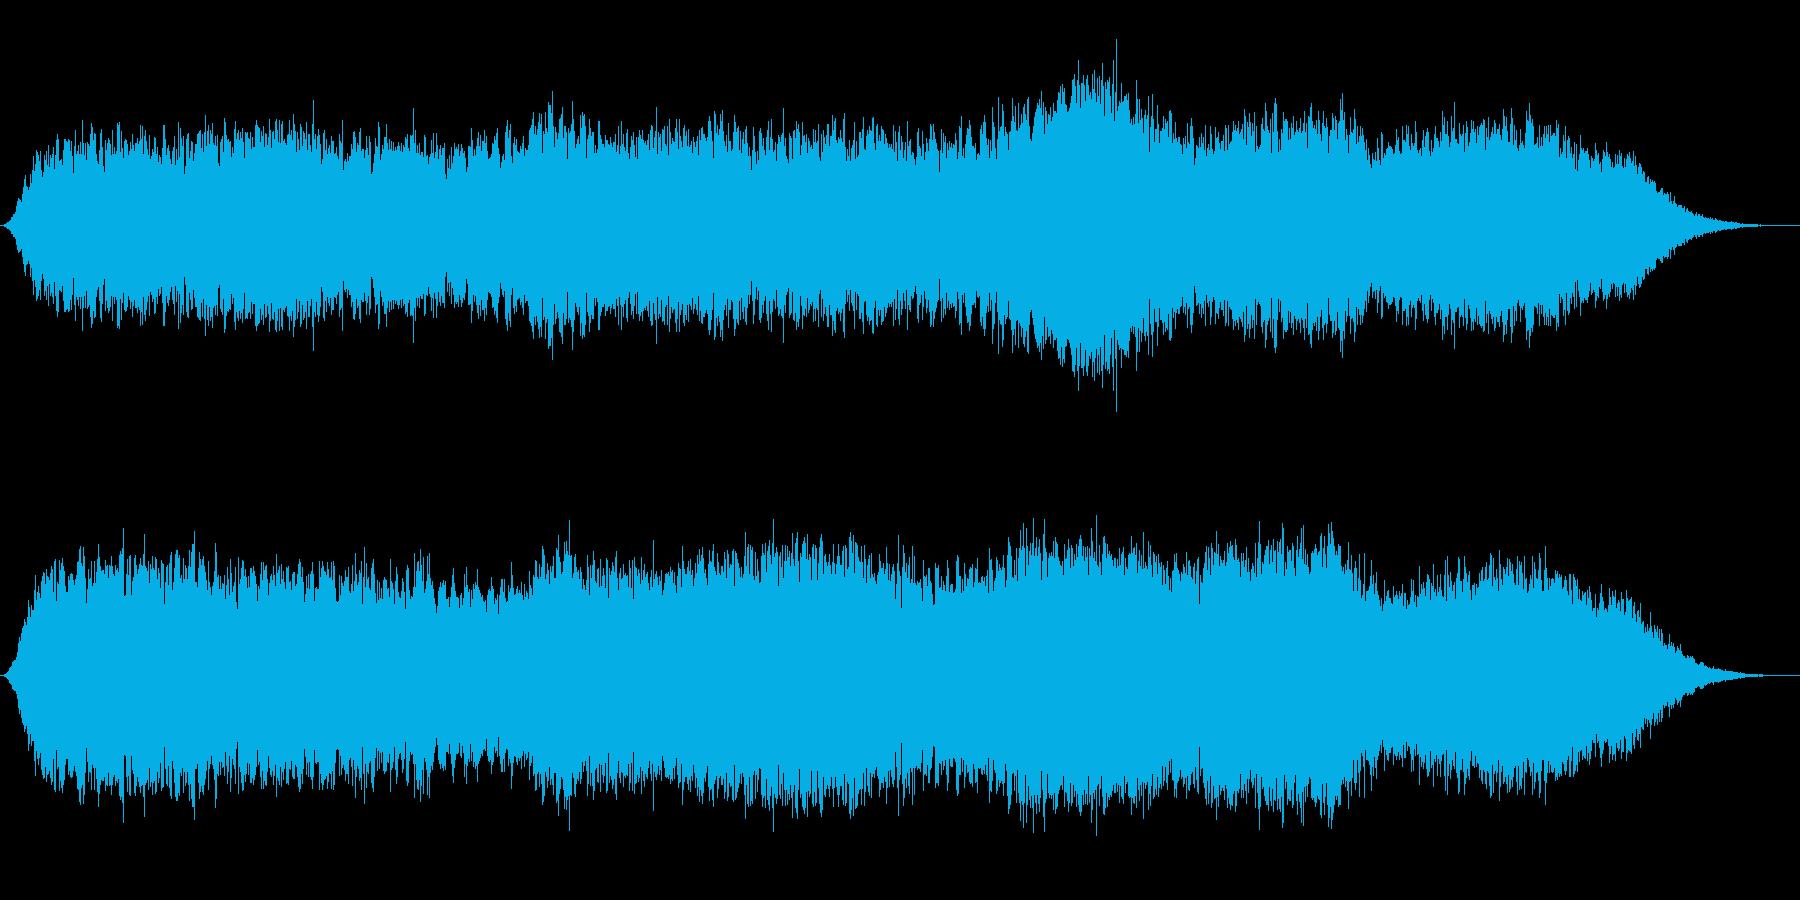 神秘的な雰囲気のアンビエント(背景音7)の再生済みの波形